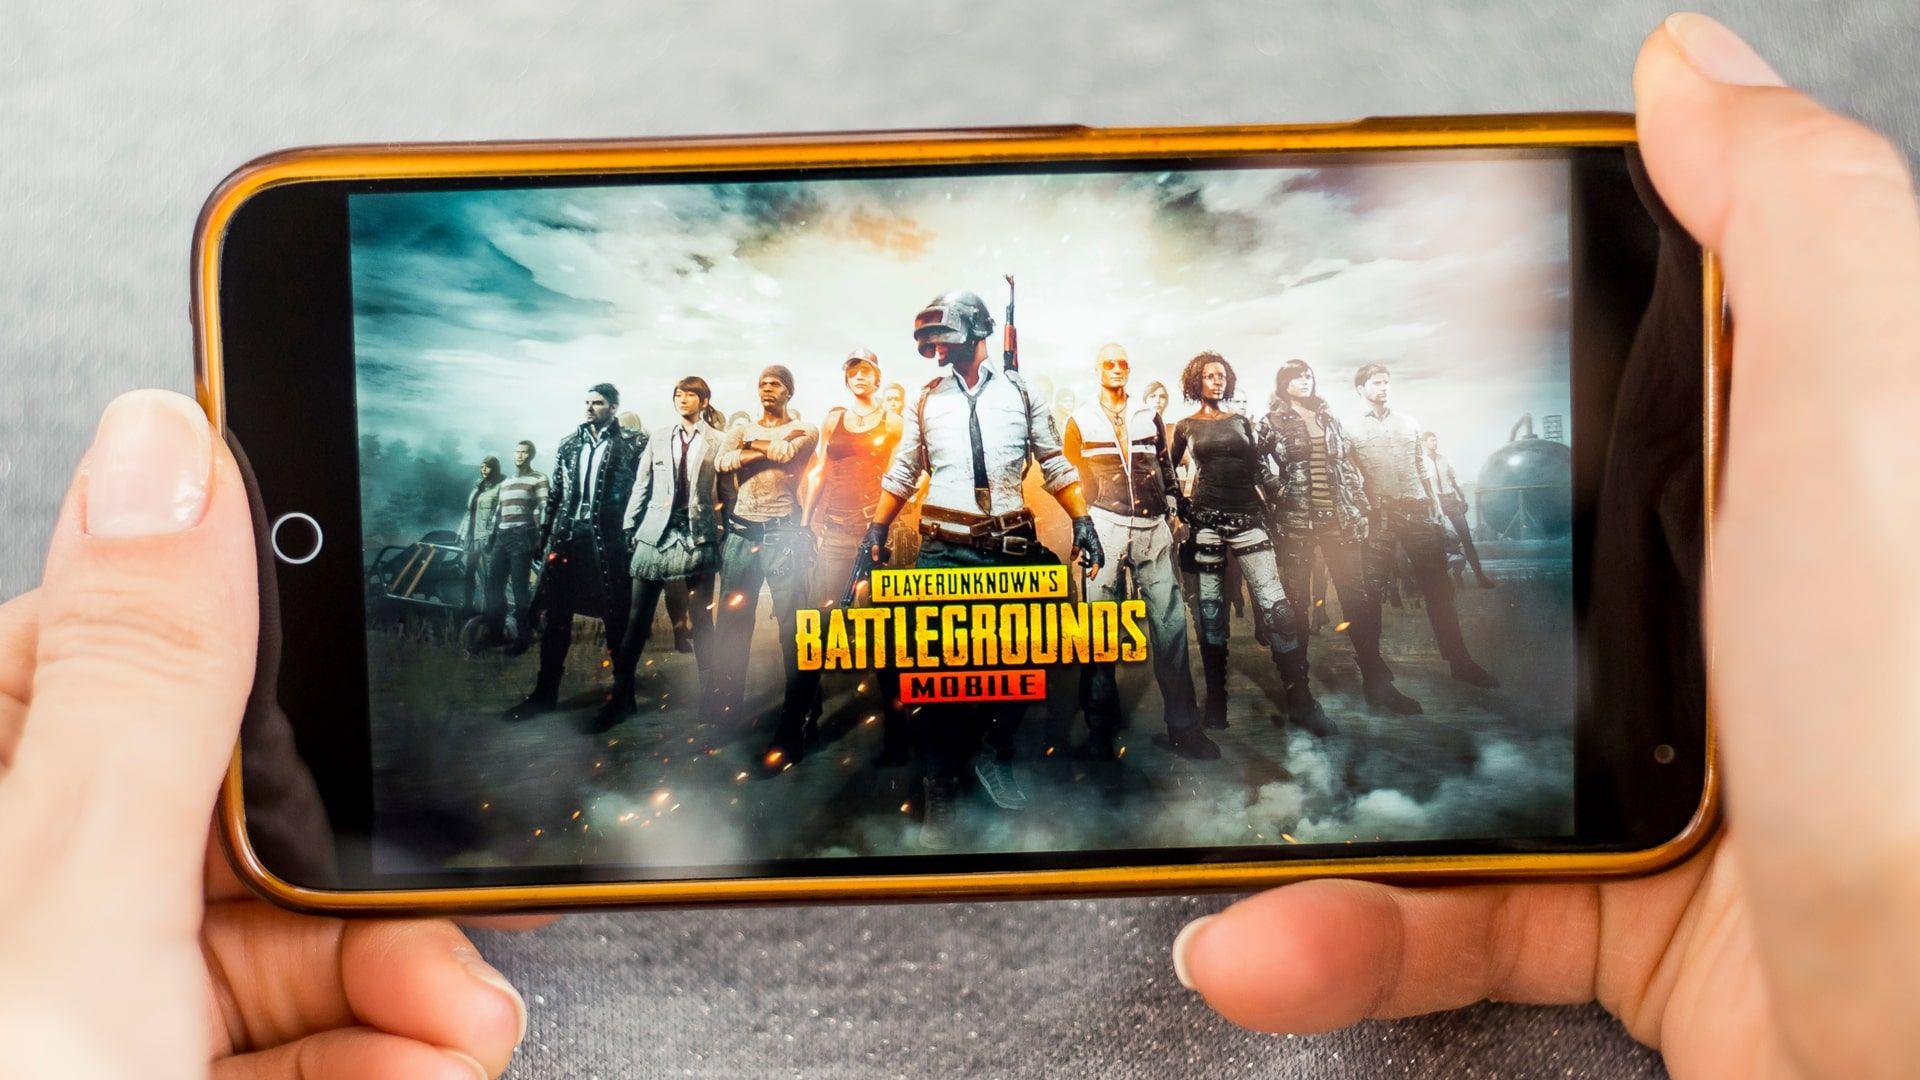 PUBG Mobile é um dos principais jogos Android Battle Royale (Foto: Shutterstock)